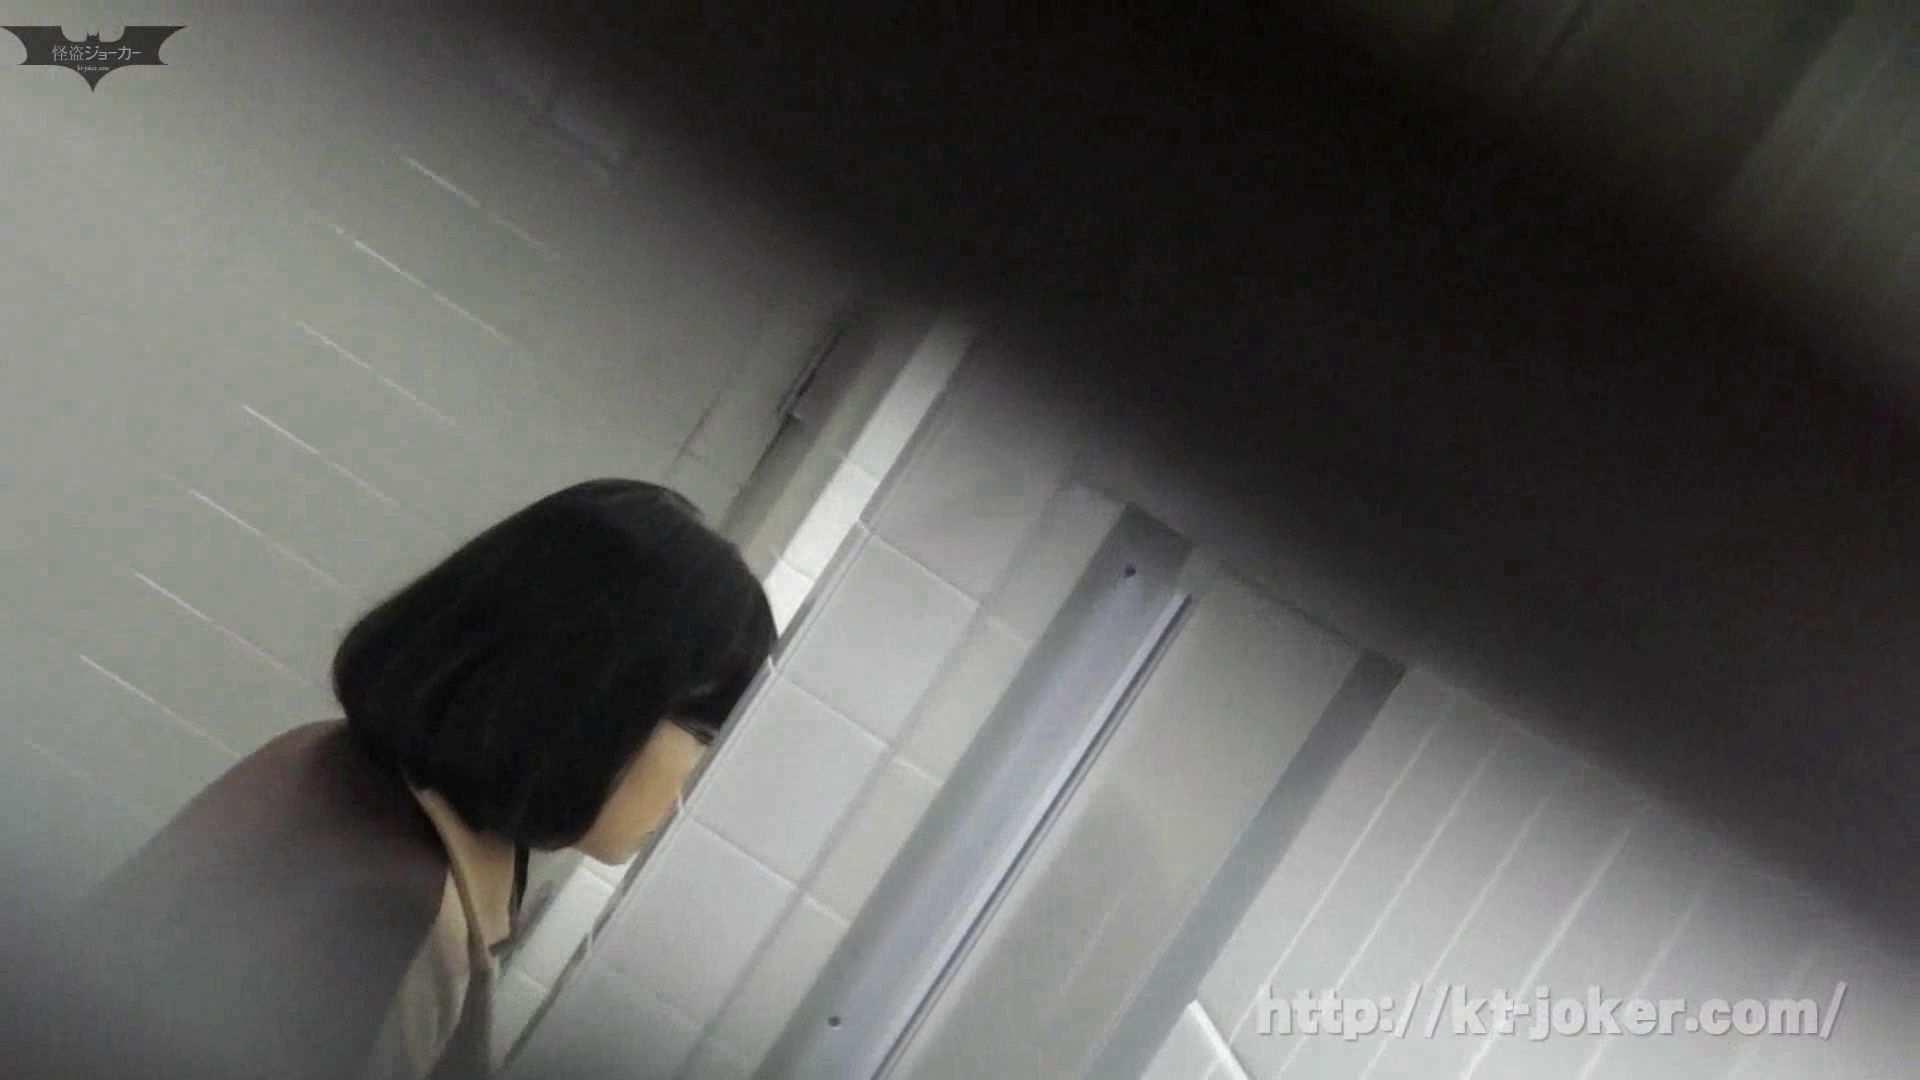 命がけ潜伏洗面所! vol.56 ピンチ!!「鏡の前で祈る女性」にばれる危機 エロティックなOL エロ無料画像 57画像 38